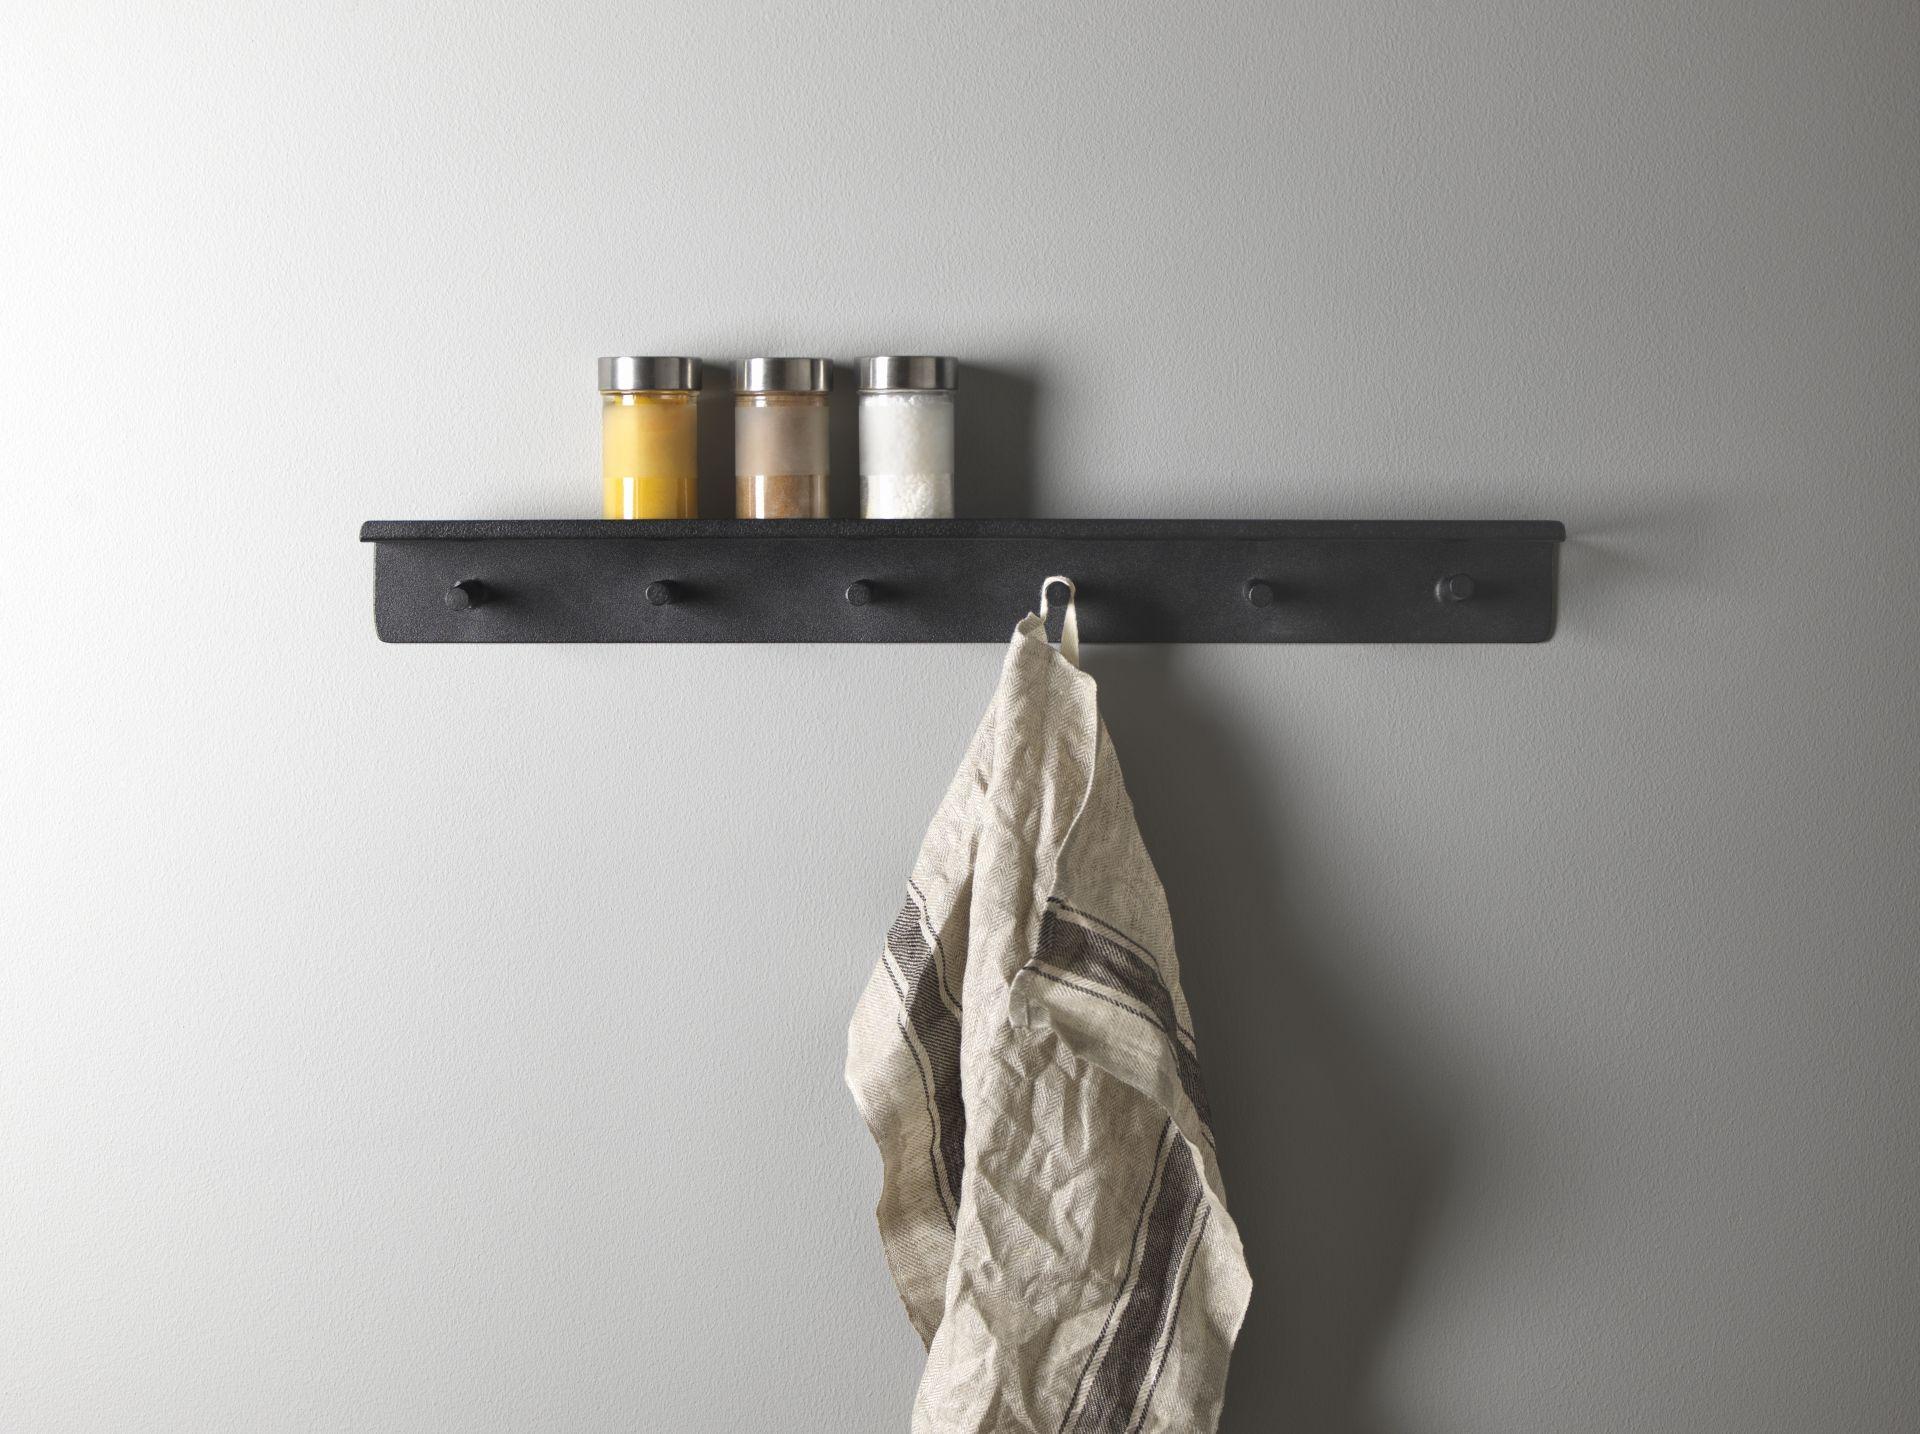 Falsterbo Wandlijst Met Haken Ikeacatalogus Nieuw 2017 Ikea